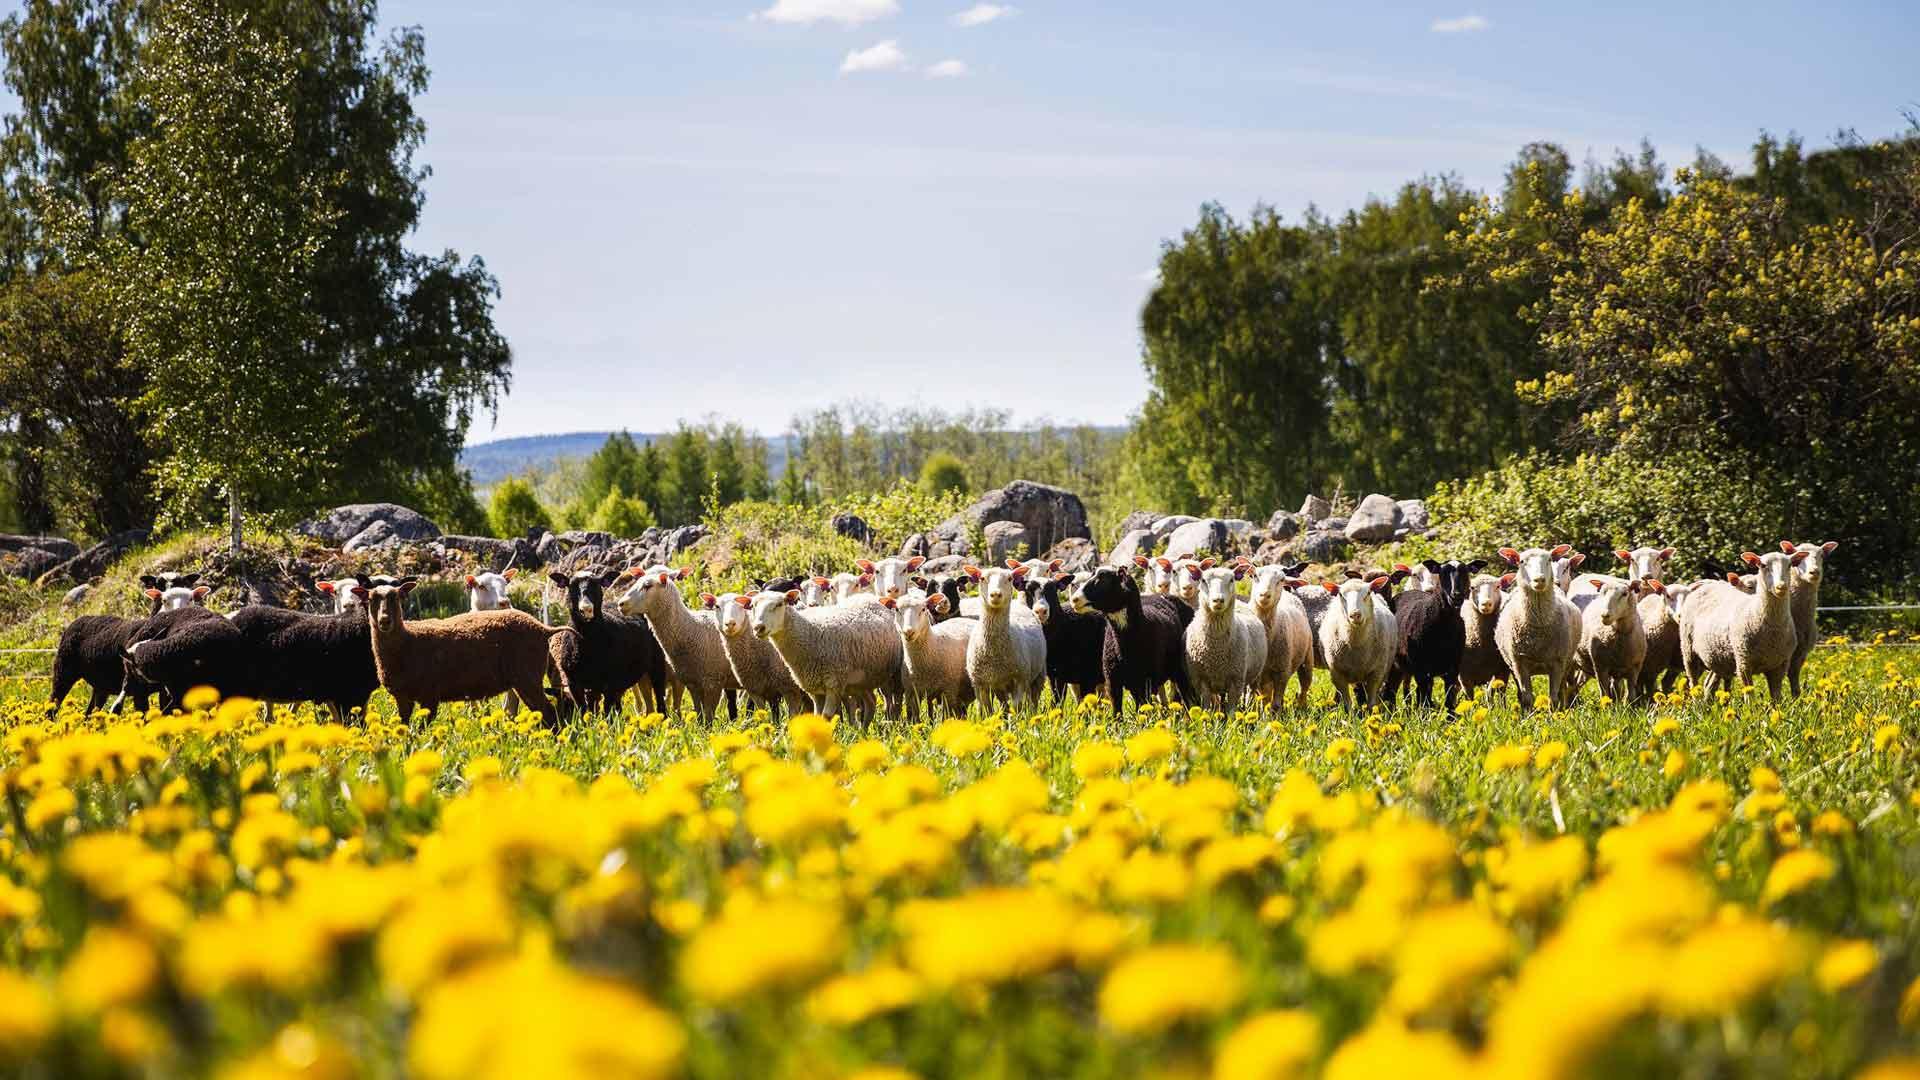 Maisemanhoito on Tiisanmäen lampaiden mieluisa ja hyödyllinen tehtävä. Karvakerät laiduntavat lähinurmien lisäksi myös saarissa.